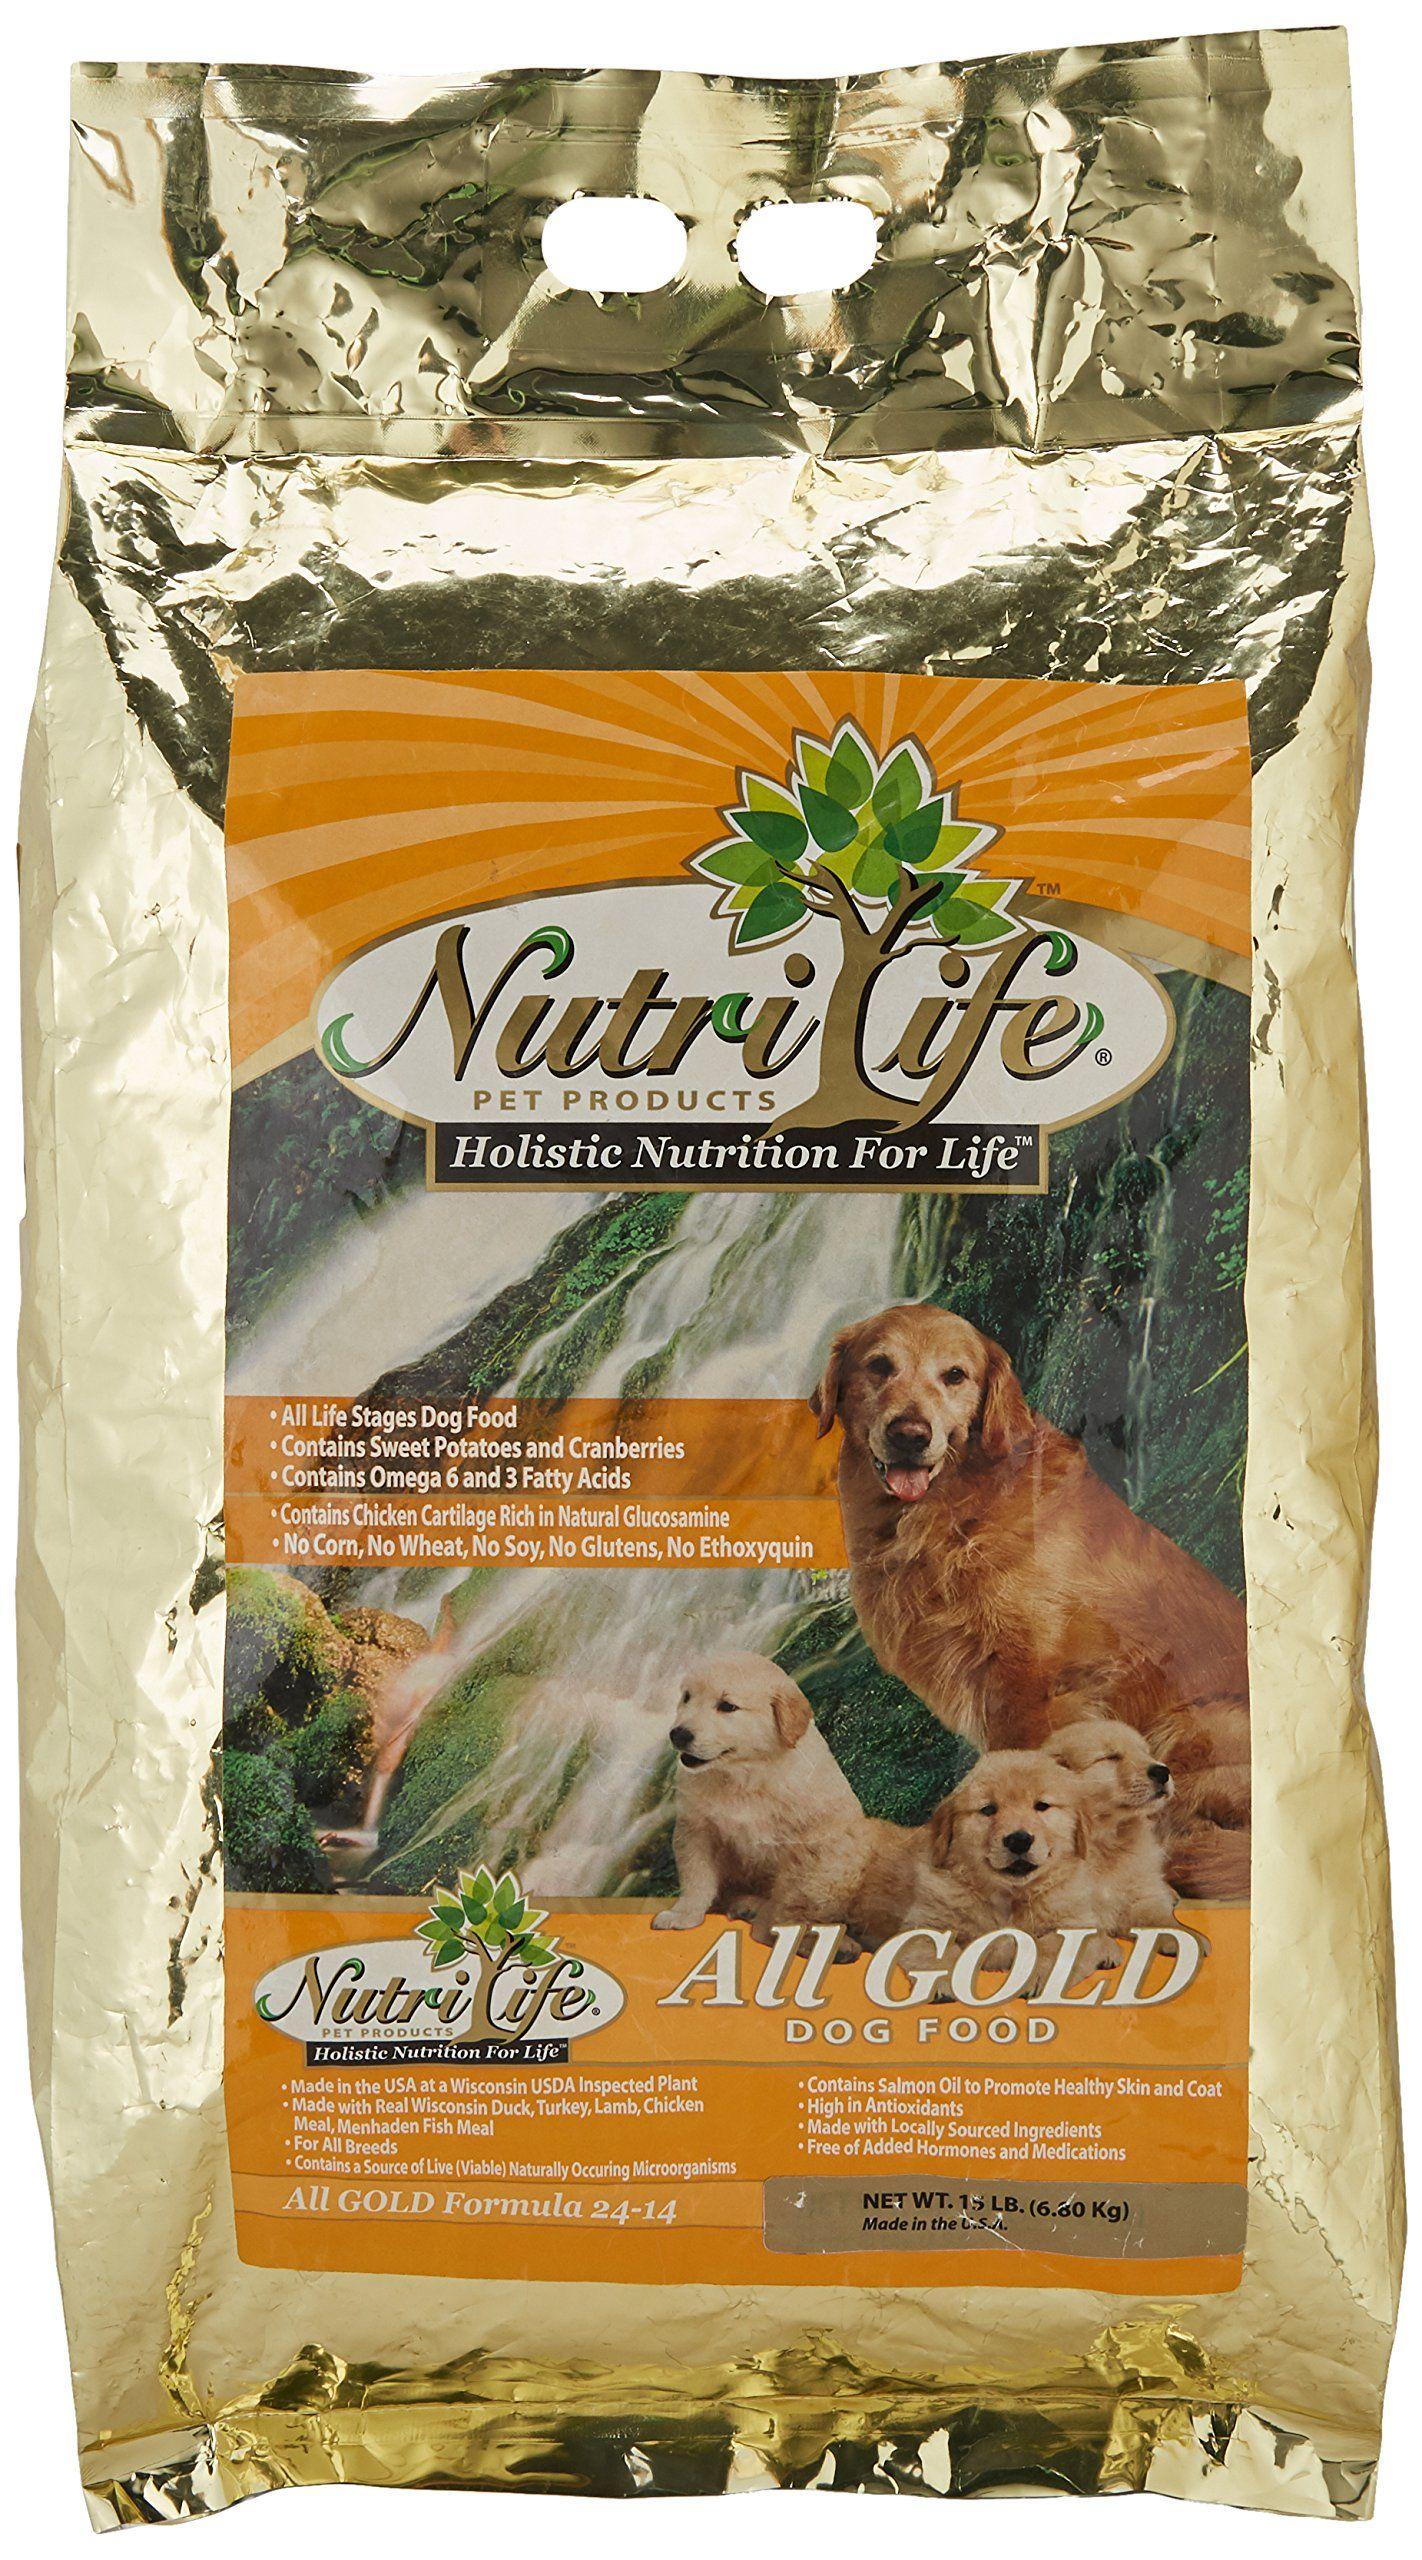 American Distribution Dogfooddry Dog Food Dry Food Dog Food